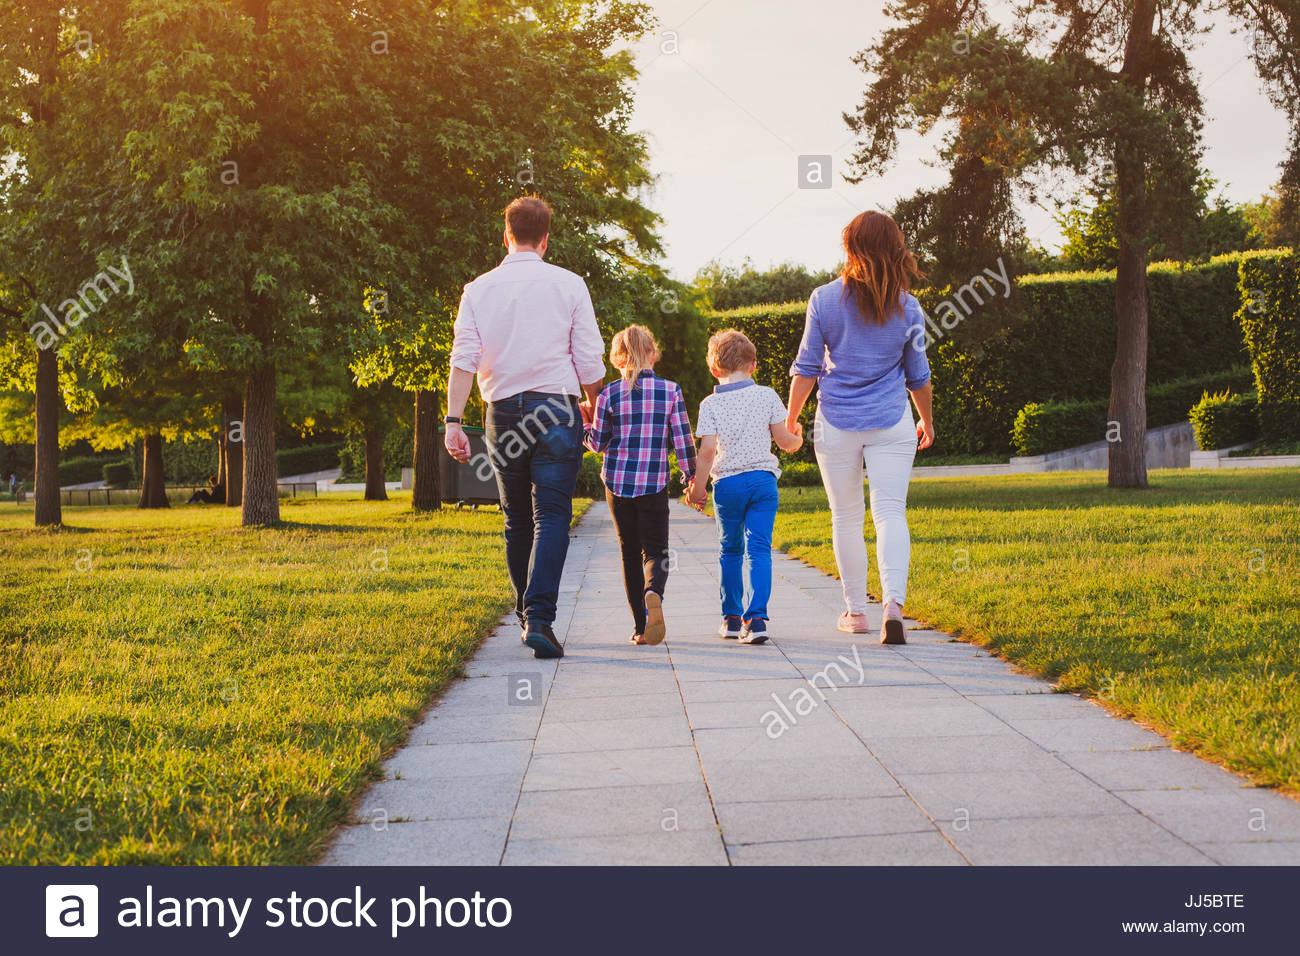 Familia con dos niños a caminar en el parque junto al atardecer, padres con hijos, vista desde la parte posterior Imagen De Stock